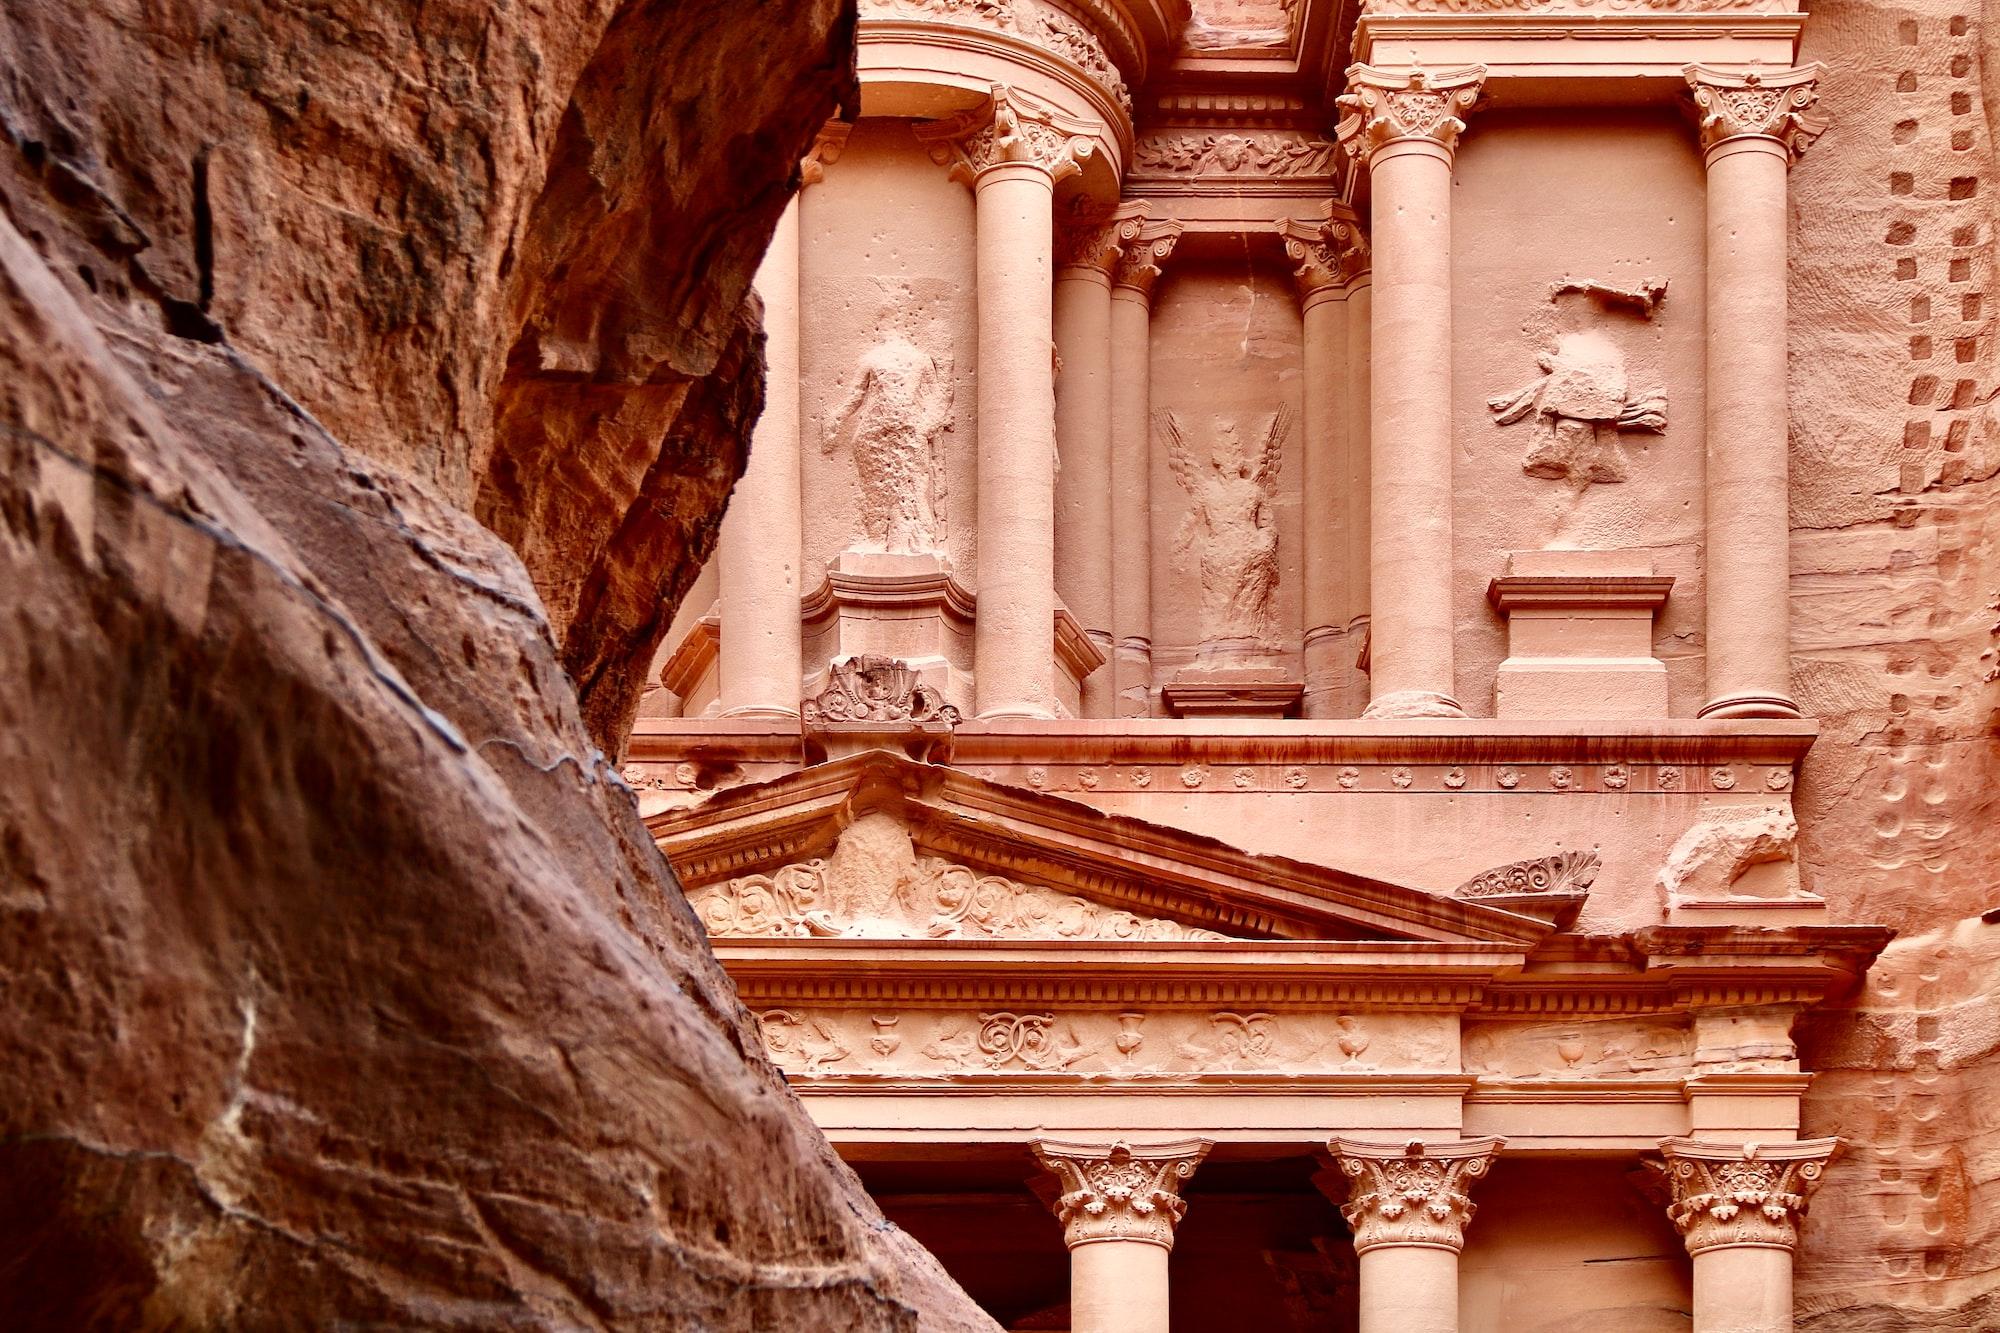 Petra - Wadi Musa, Jordan 🇯🇴  Petra  es un importante enclave arqueológico en Jordania, y la capital del antiguo reino nabateo, cuyos pobladores la llamaban Raqmu .1 El nombre de Petra proviene del griego πέτρα que significa piedra, y su nombre es idóneo ya que no se trata de una ciudad construida con piedra, si no literalmente excavada y esculpida en la piedra.  El asentamiento de Petra se localiza en un valle angosto, al este del valle de la Aravá que se extiende desde el mar Muerto hasta el Golfo de Aqaba. Los restos más célebres de Petra son sin duda sus construcciones labradas en la mis